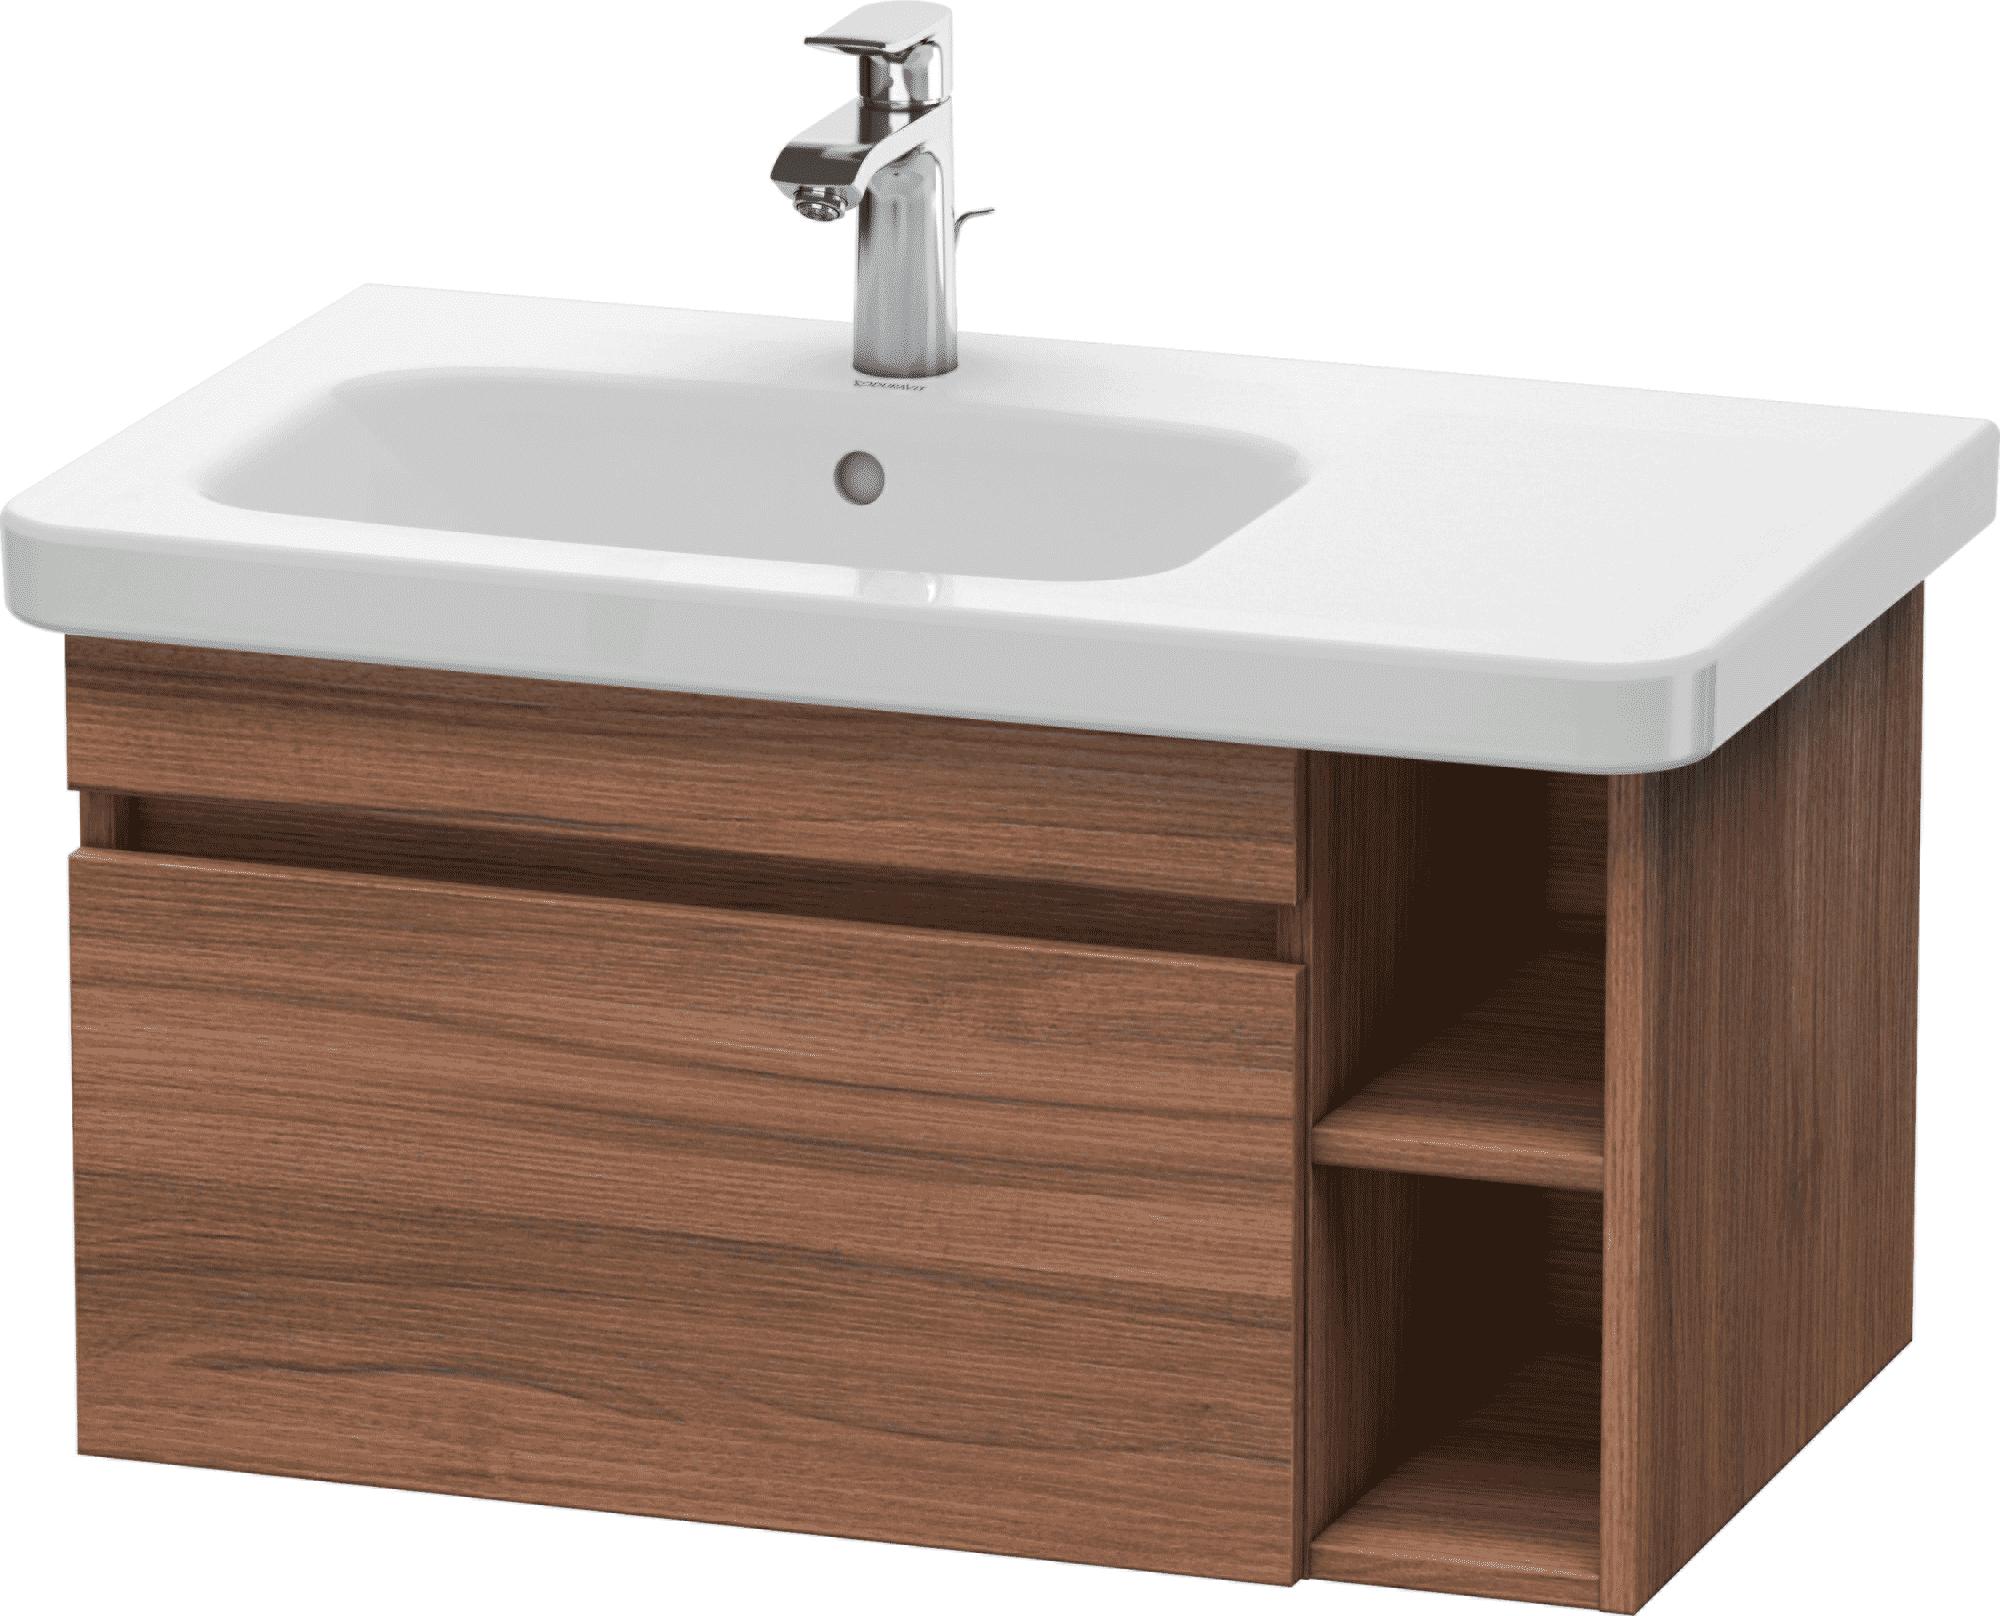 Duravit DuraStyle - Meuble sous lavabo avec 1 tiroir et étagère à droite 730x398x448mm chêne foncé brossé placage bois/chêne foncé brossé placage bois